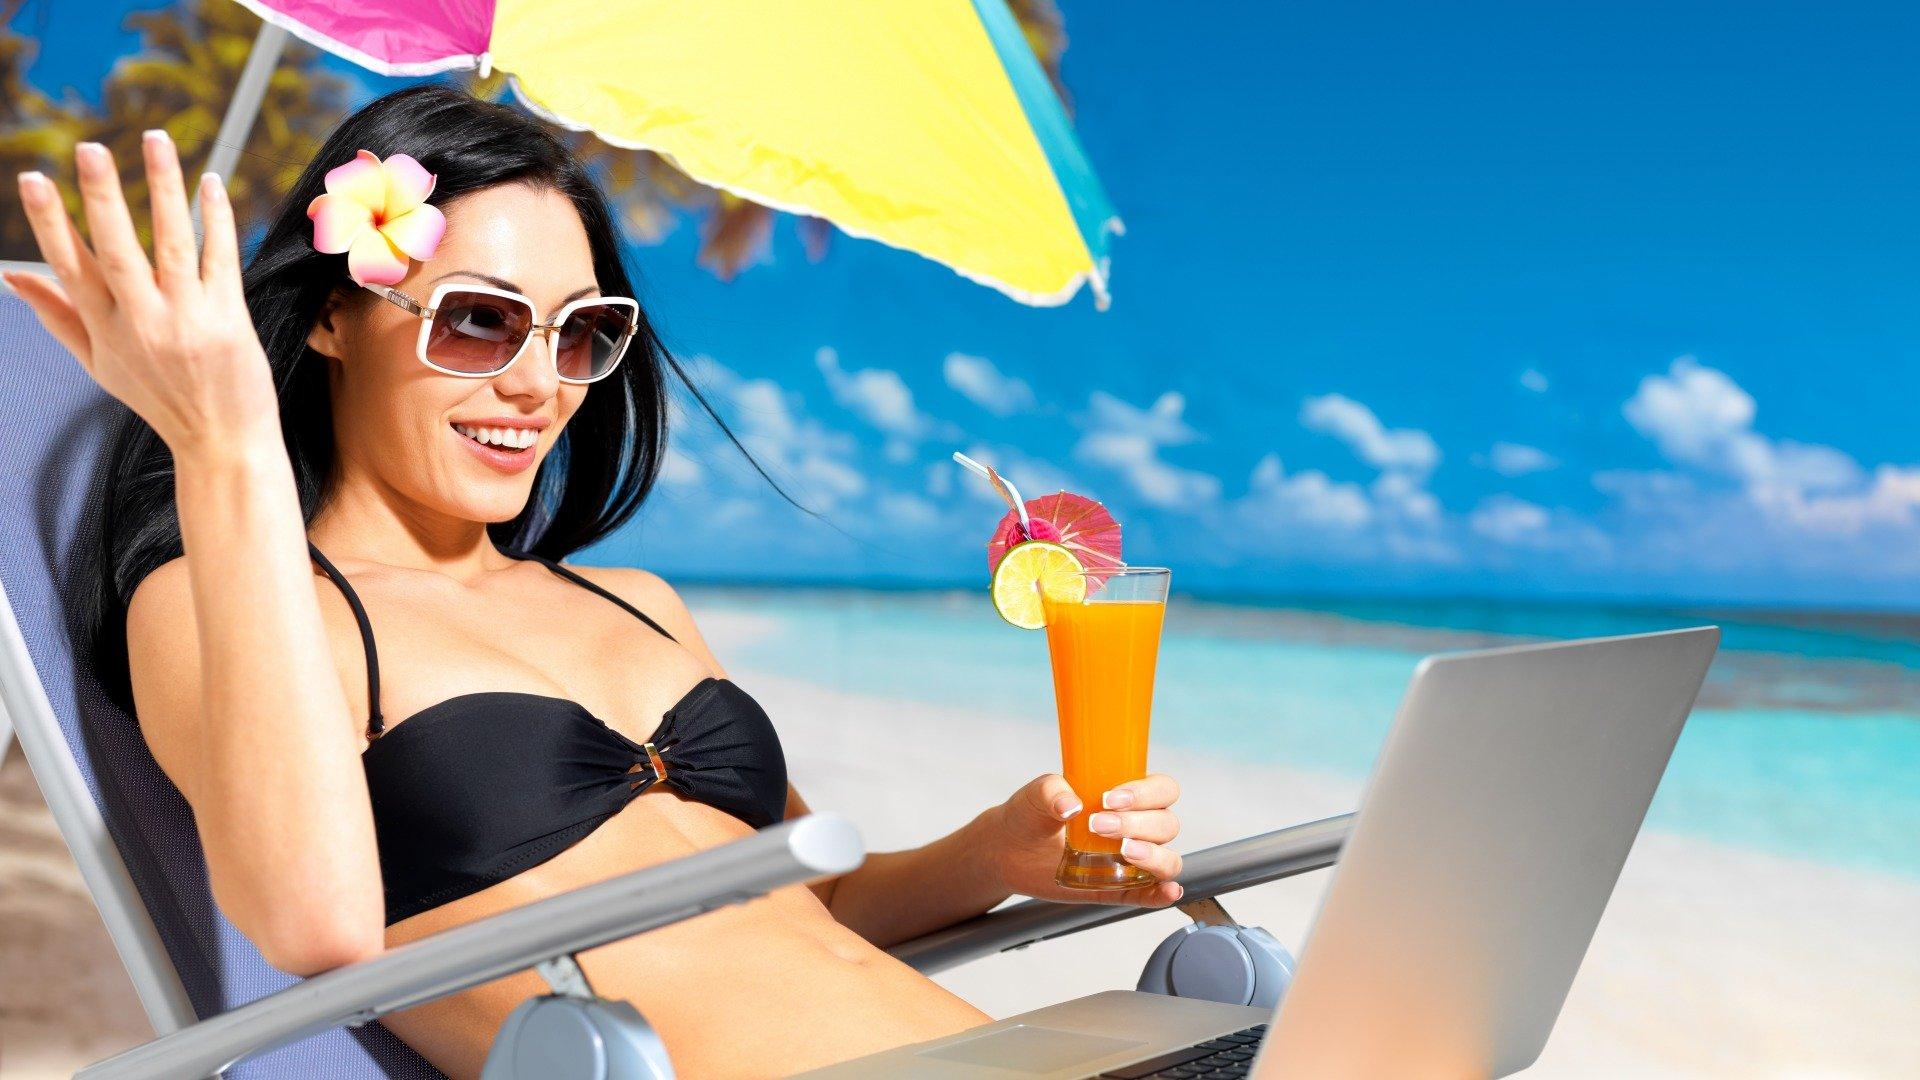 вакансии удаленная работа по туризму